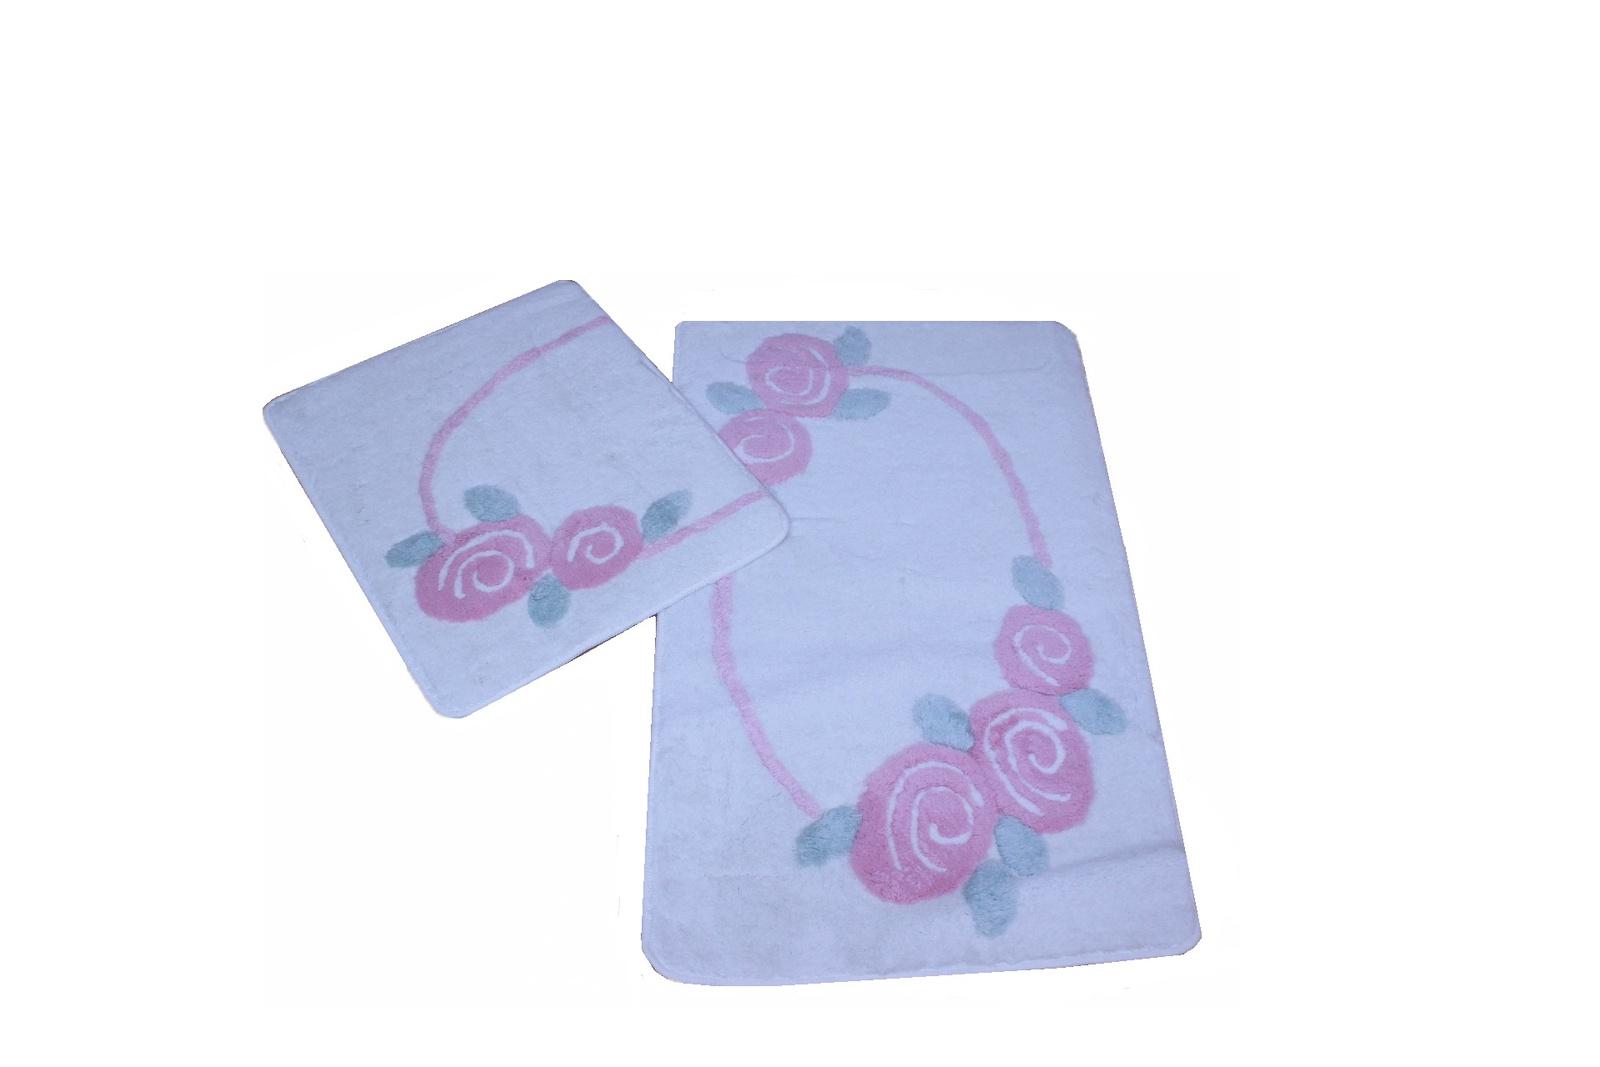 Набор ковриков для ванной DO&CO Коврик для ванной DO&CO (60Х100 см/50x60 см) ROSELIN_розовый, 9396-160, розовый